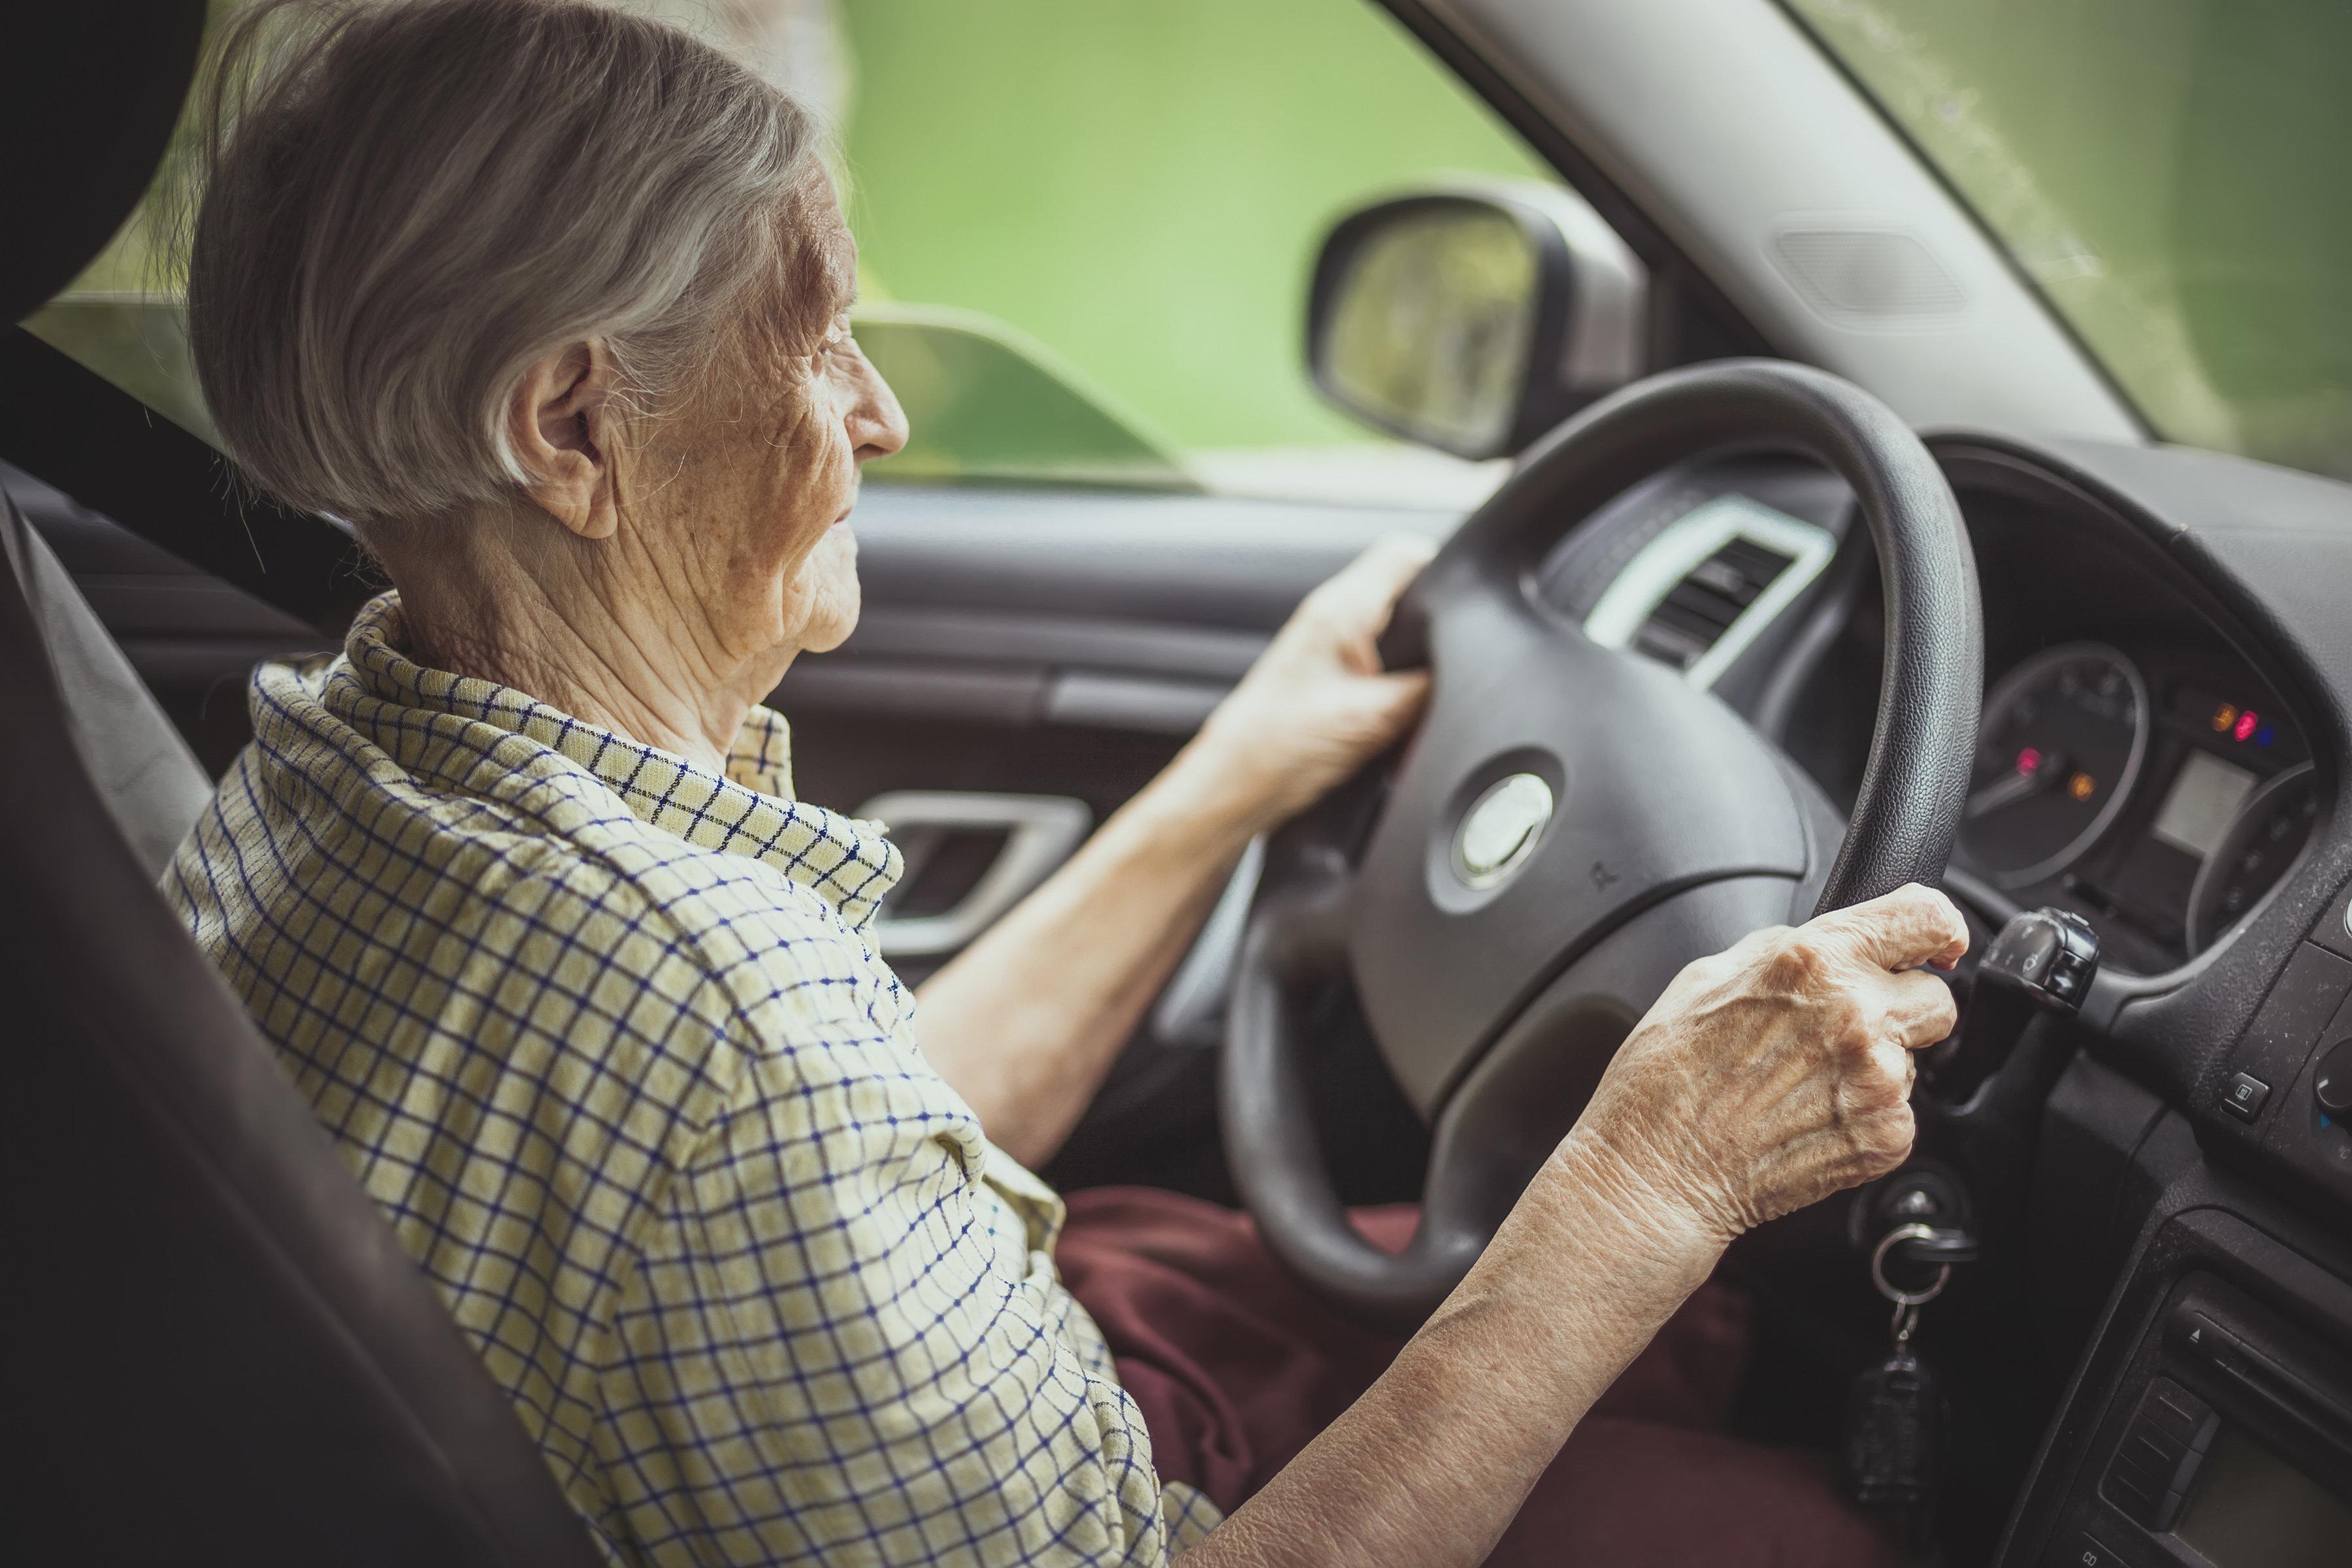 Rentnerin weigert sich, Parkgebühr zu zahlen und lässt ihre Muskeln